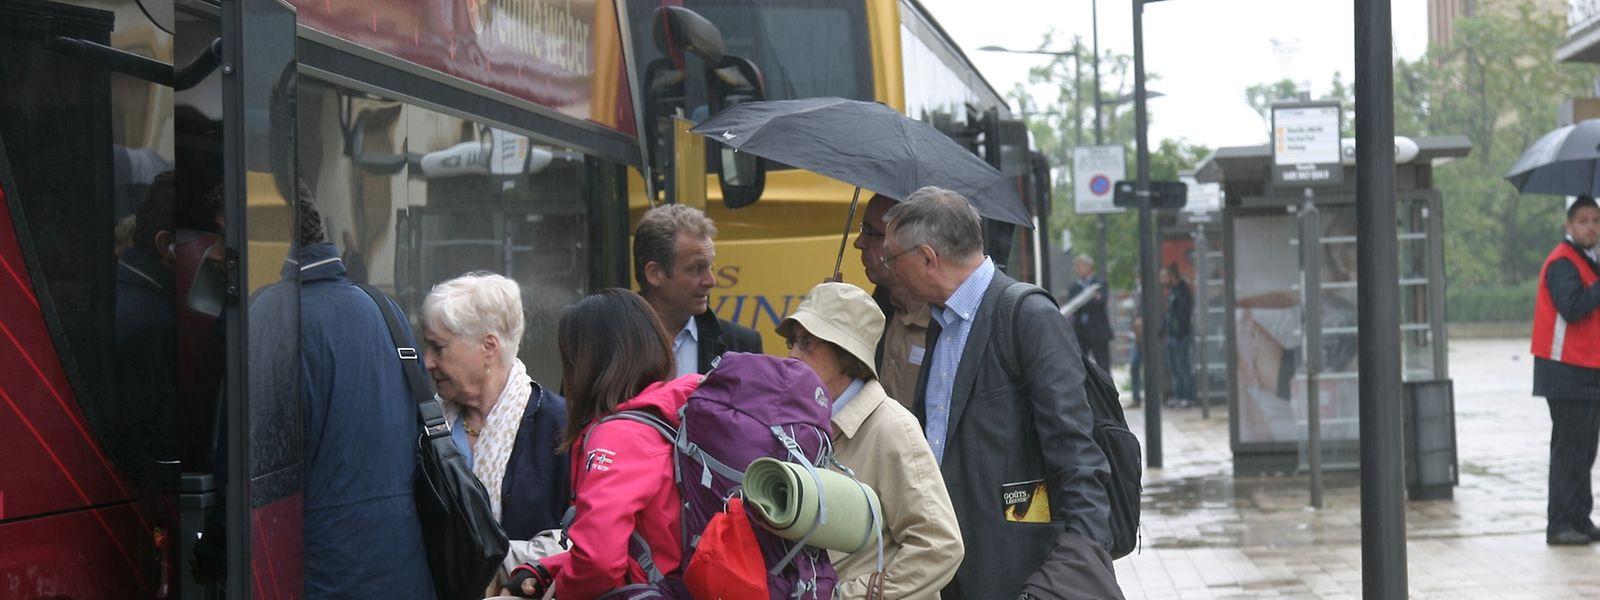 Tous les voyageurs venant de France et qui veulent rejoindre le Luxembourg sont gentiment priés de prendre un bus de substitution à la gare de Thionville. A l'intérieur il faut patienter. Le bus ne partira qu'une fois plein.